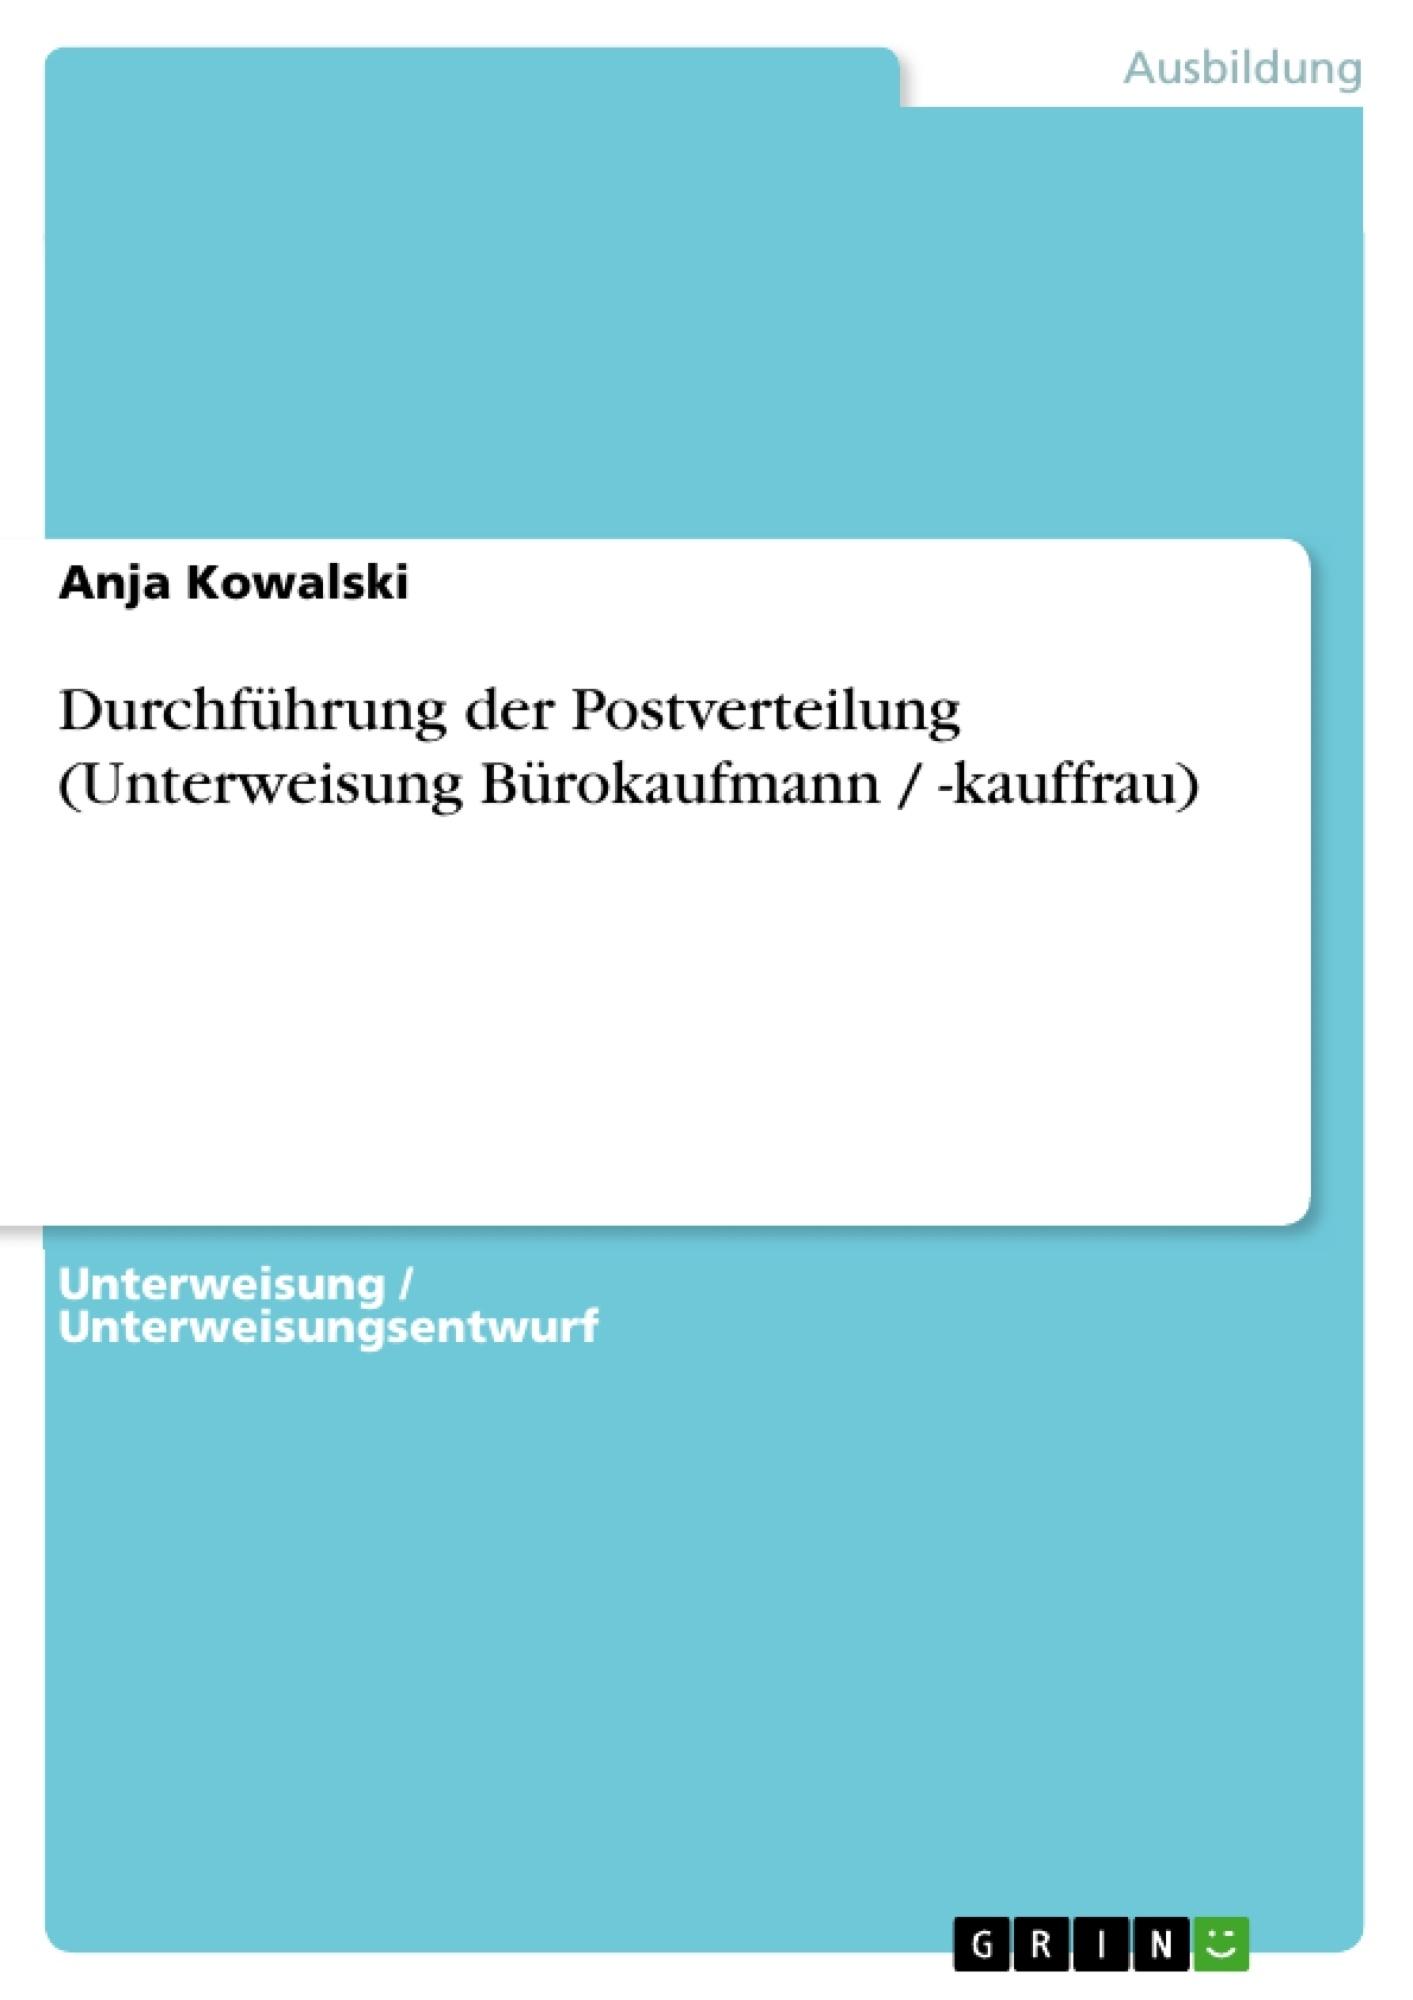 Titel: Durchführung der Postverteilung (Unterweisung Bürokaufmann / -kauffrau)